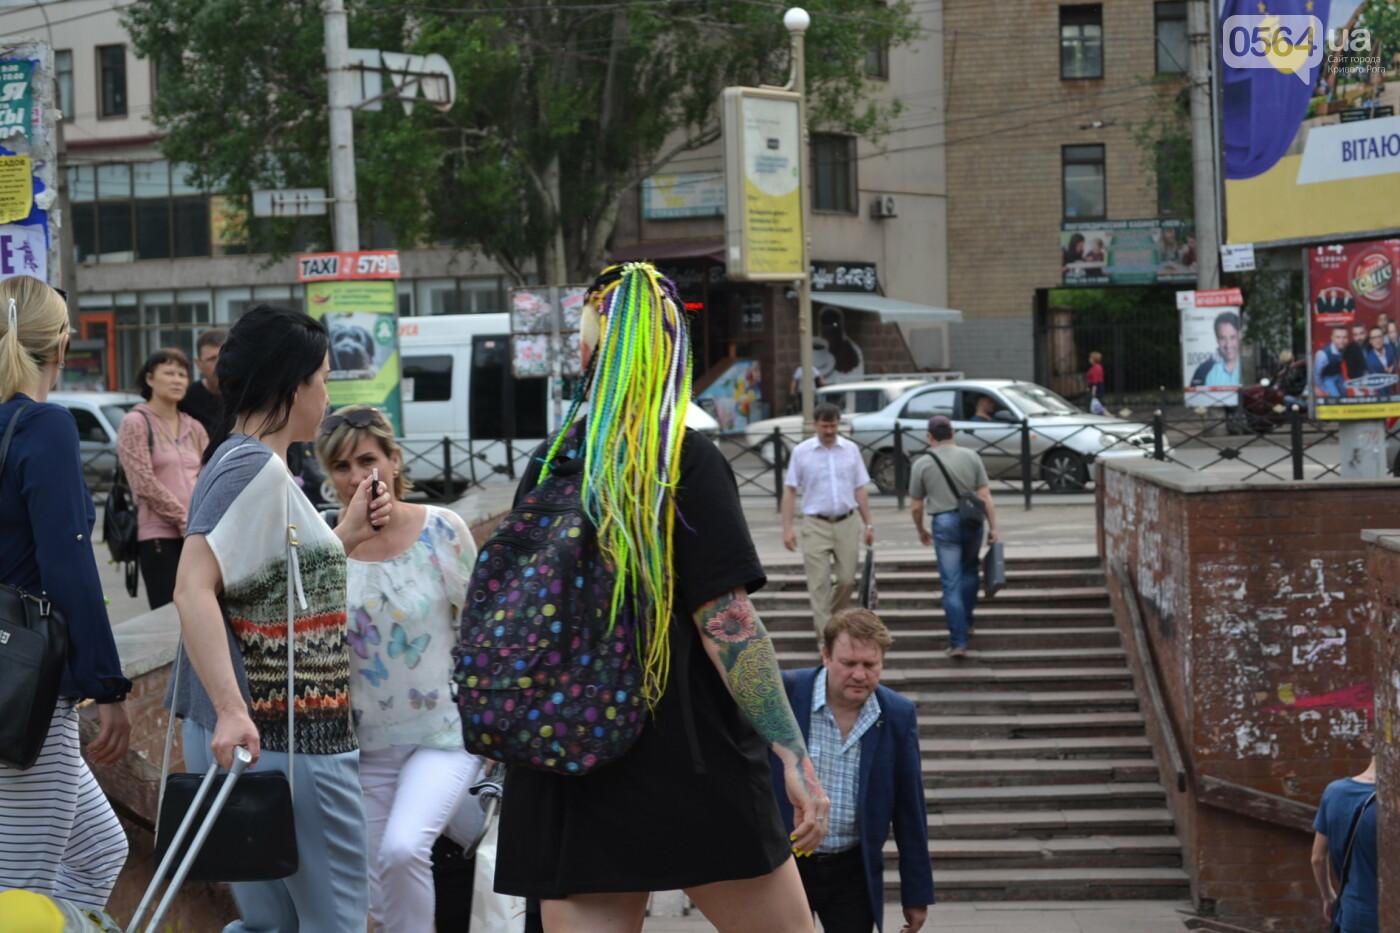 Концерт от Madisan Rock Club: криворожские музыканты поддержали юную Алину Михалковскую, - ФОТО, ВИДЕО, фото-26